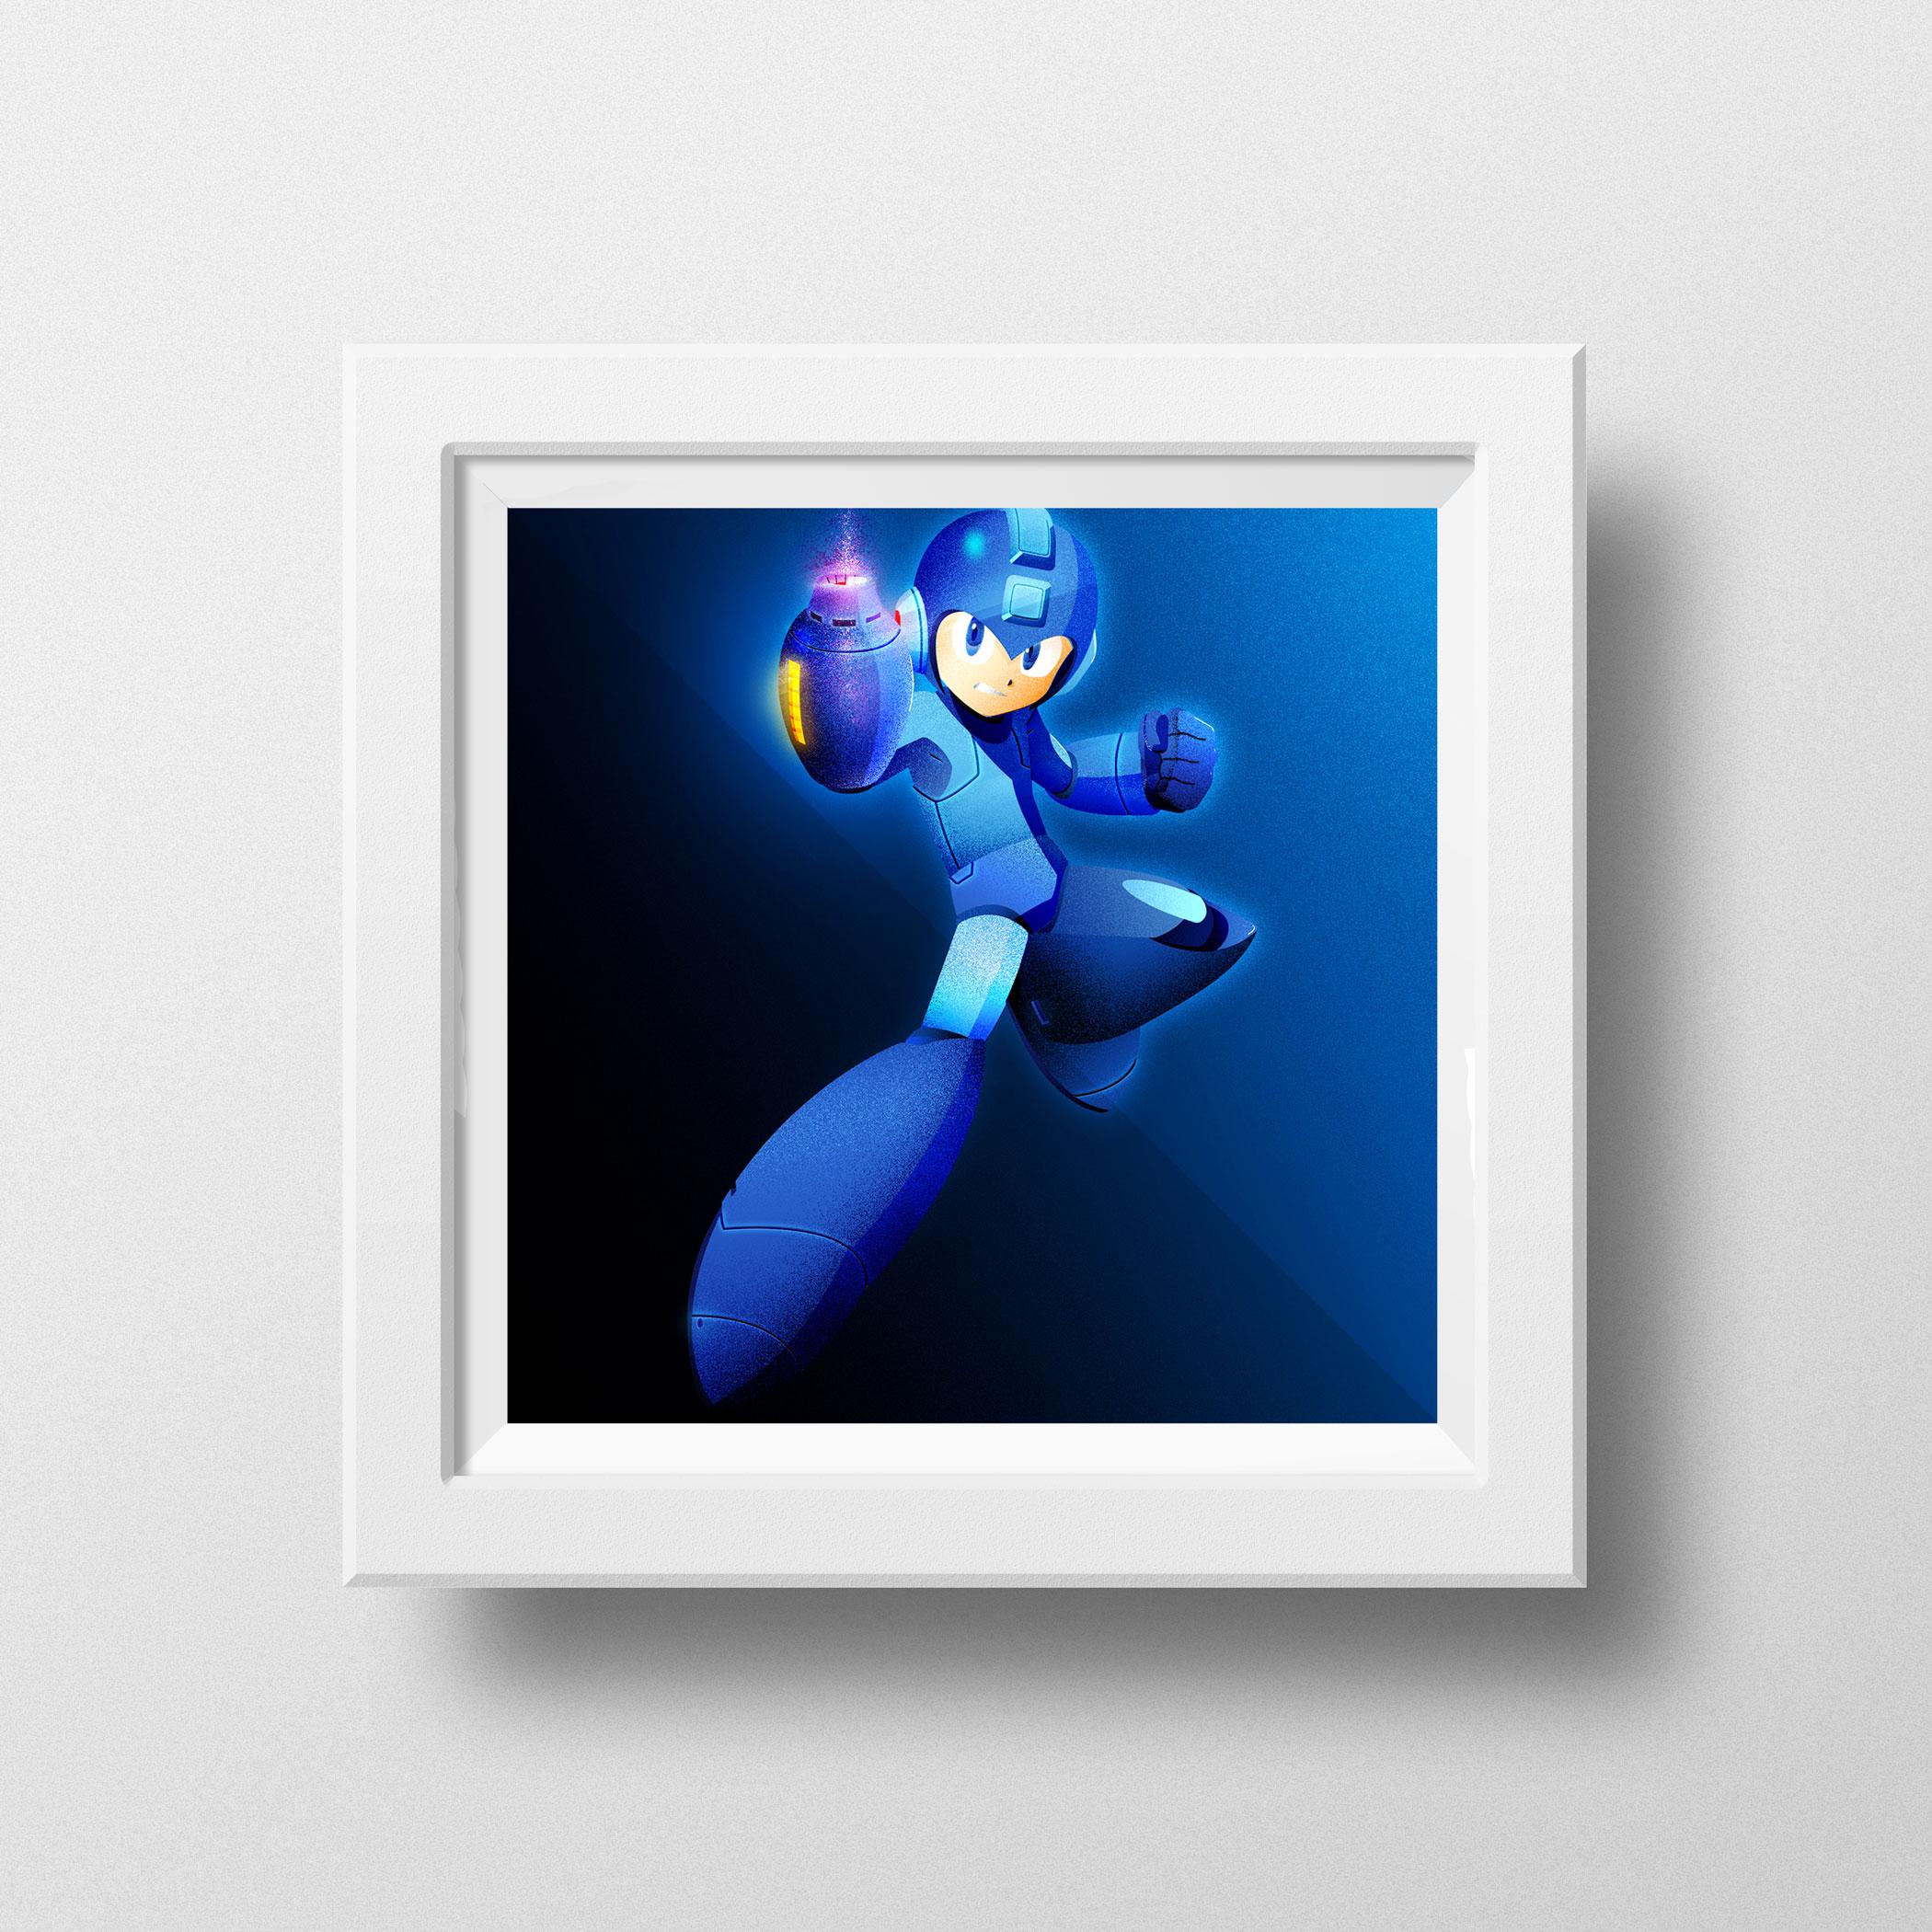 Megaman_square